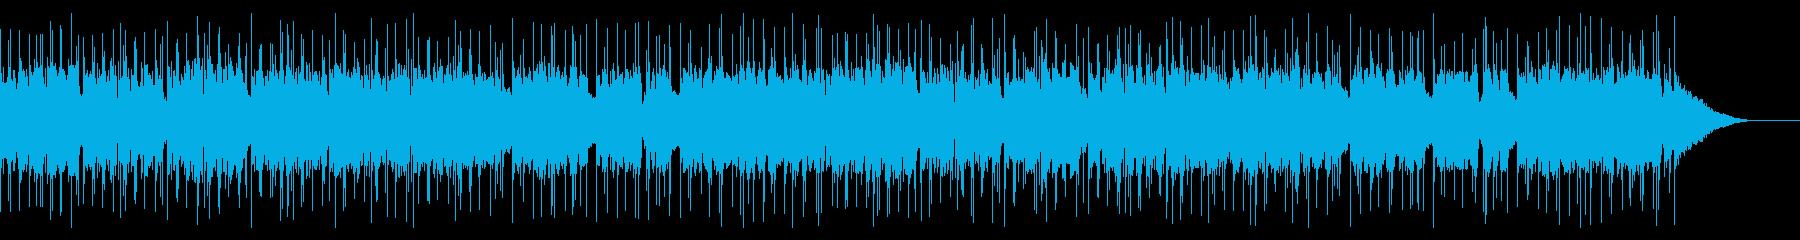 のんびり穏やかな日常をイメージしたBGMの再生済みの波形